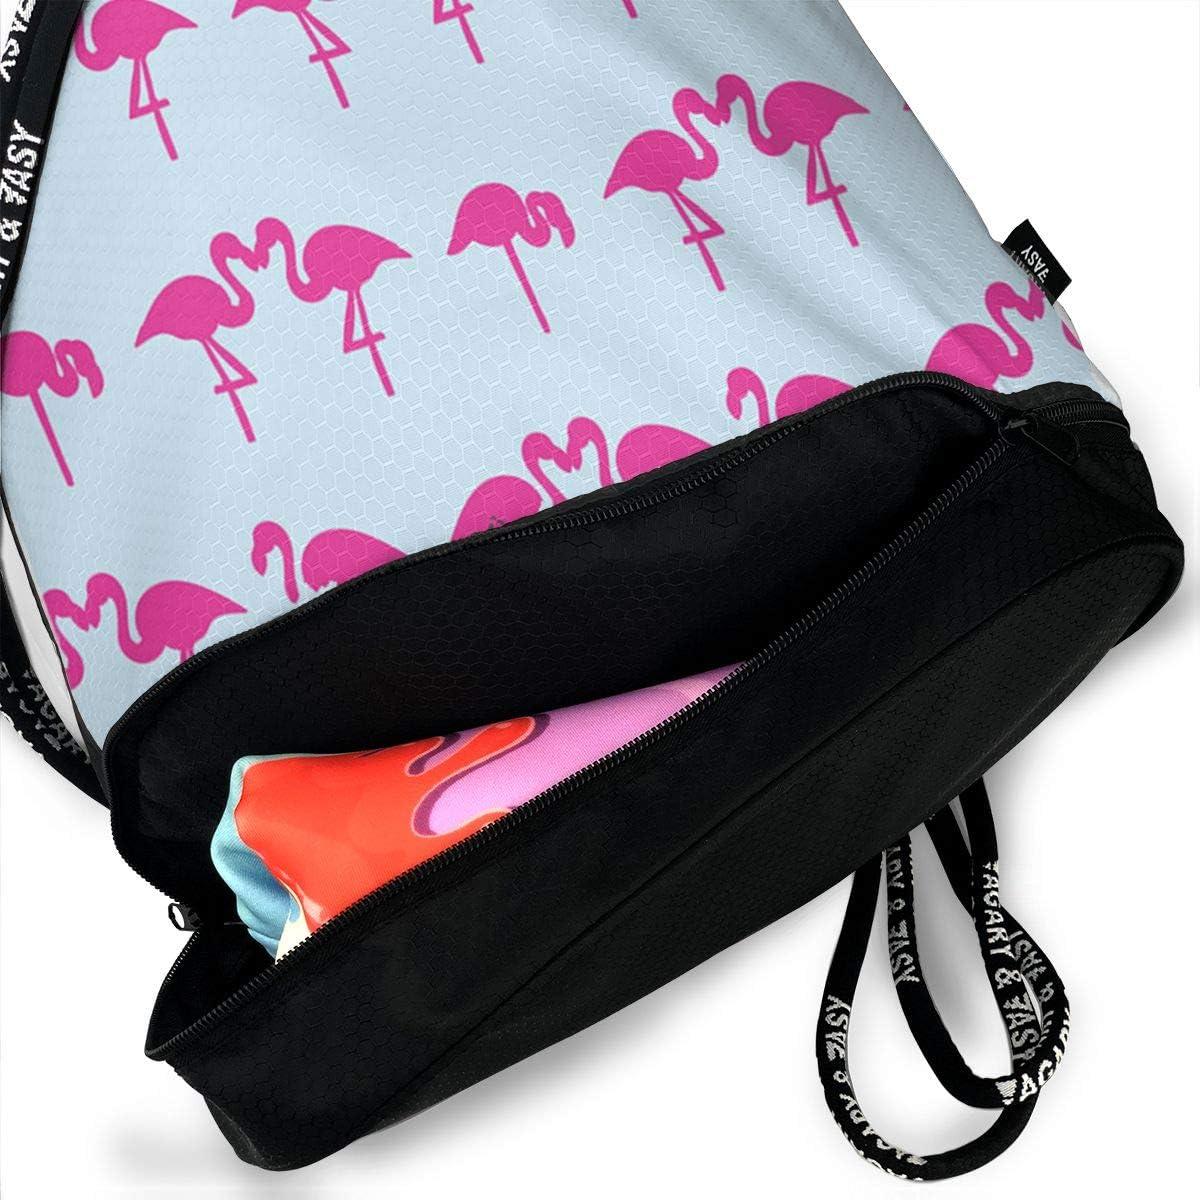 HUOPR5Q Colorful Cute Dinosaur Drawstring Backpack Sport Gym Sack Shoulder Bulk Bag Dance Bag for School Travel